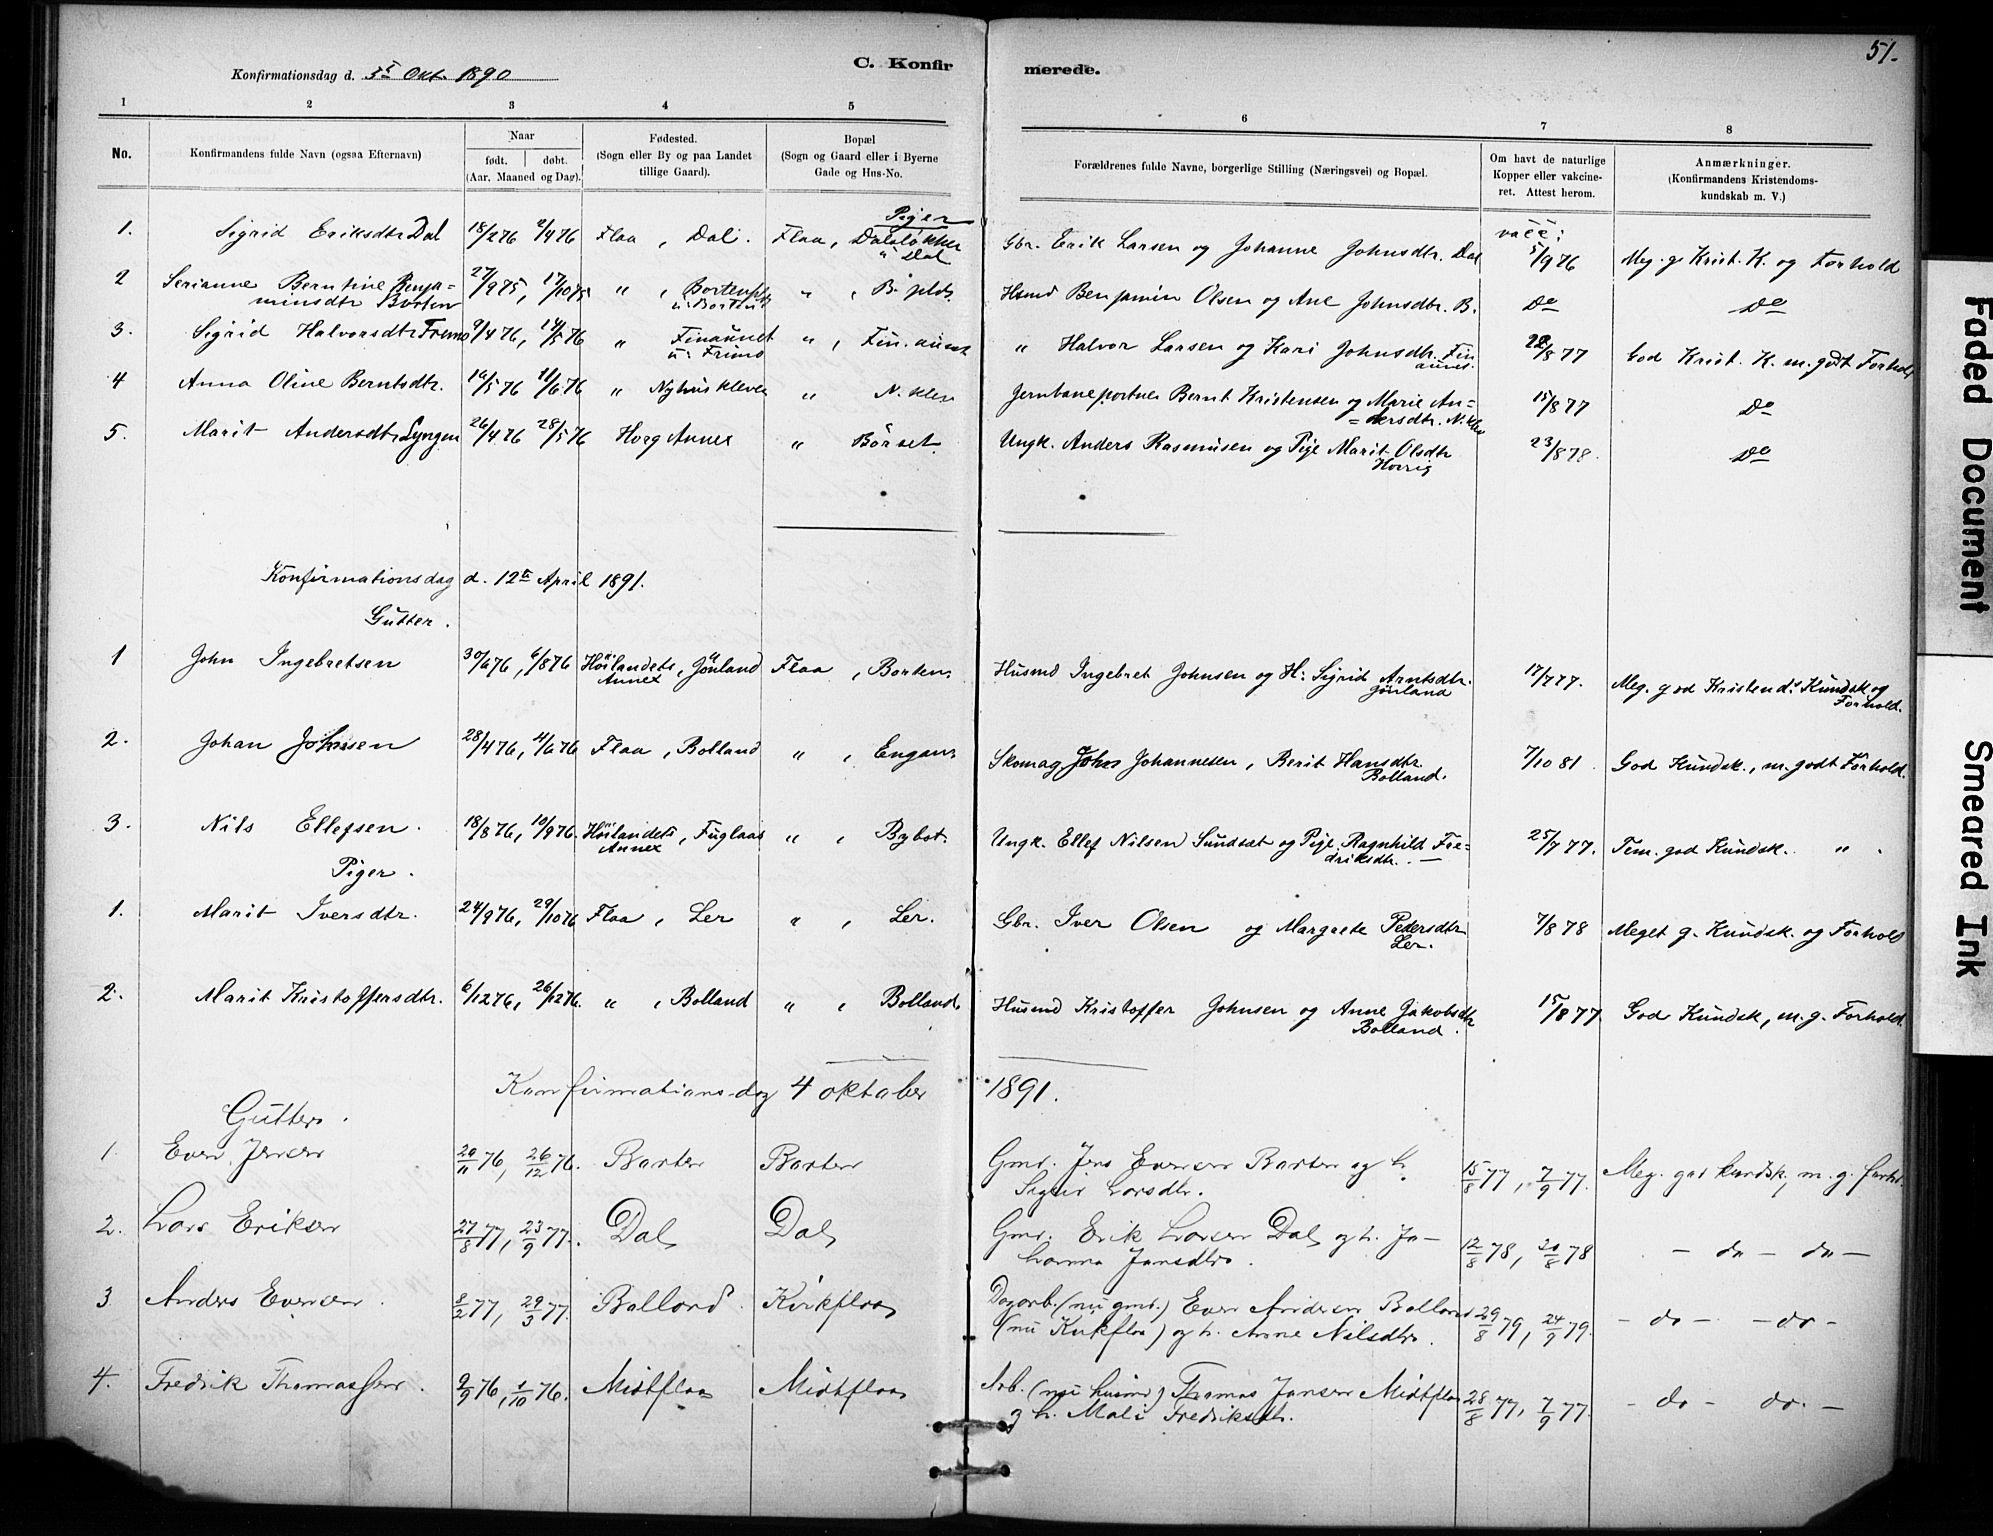 SAT, Ministerialprotokoller, klokkerbøker og fødselsregistre - Sør-Trøndelag, 693/L1119: Ministerialbok nr. 693A01, 1887-1905, s. 51